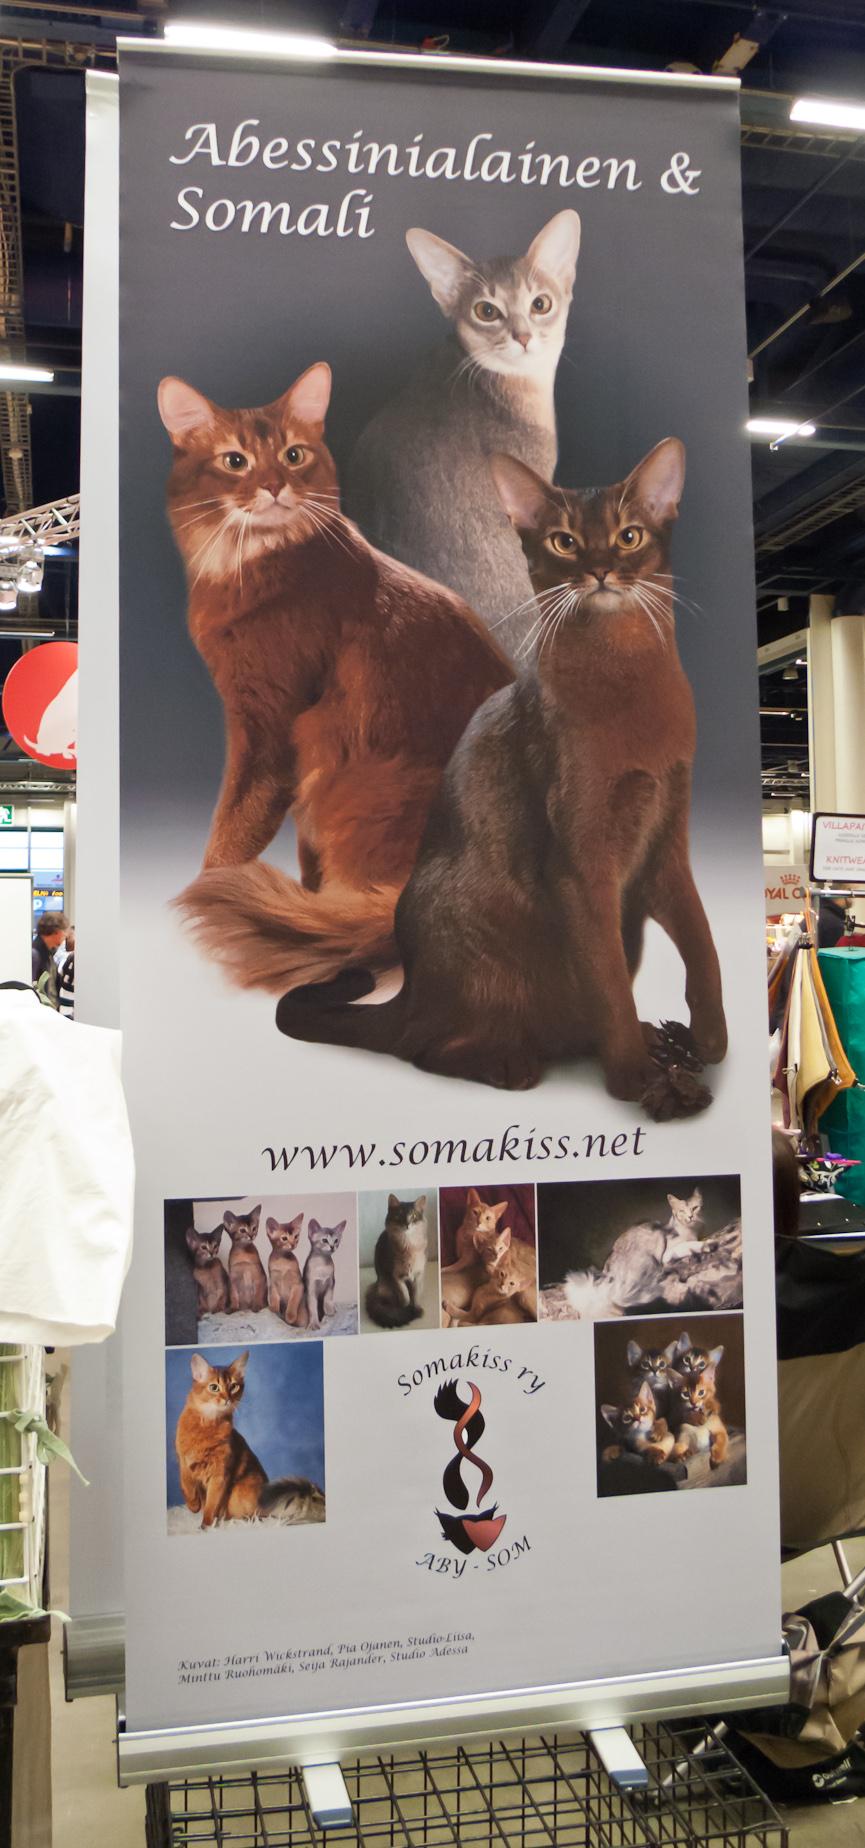 Somakiss ry, photo 200152, 2012-11-11